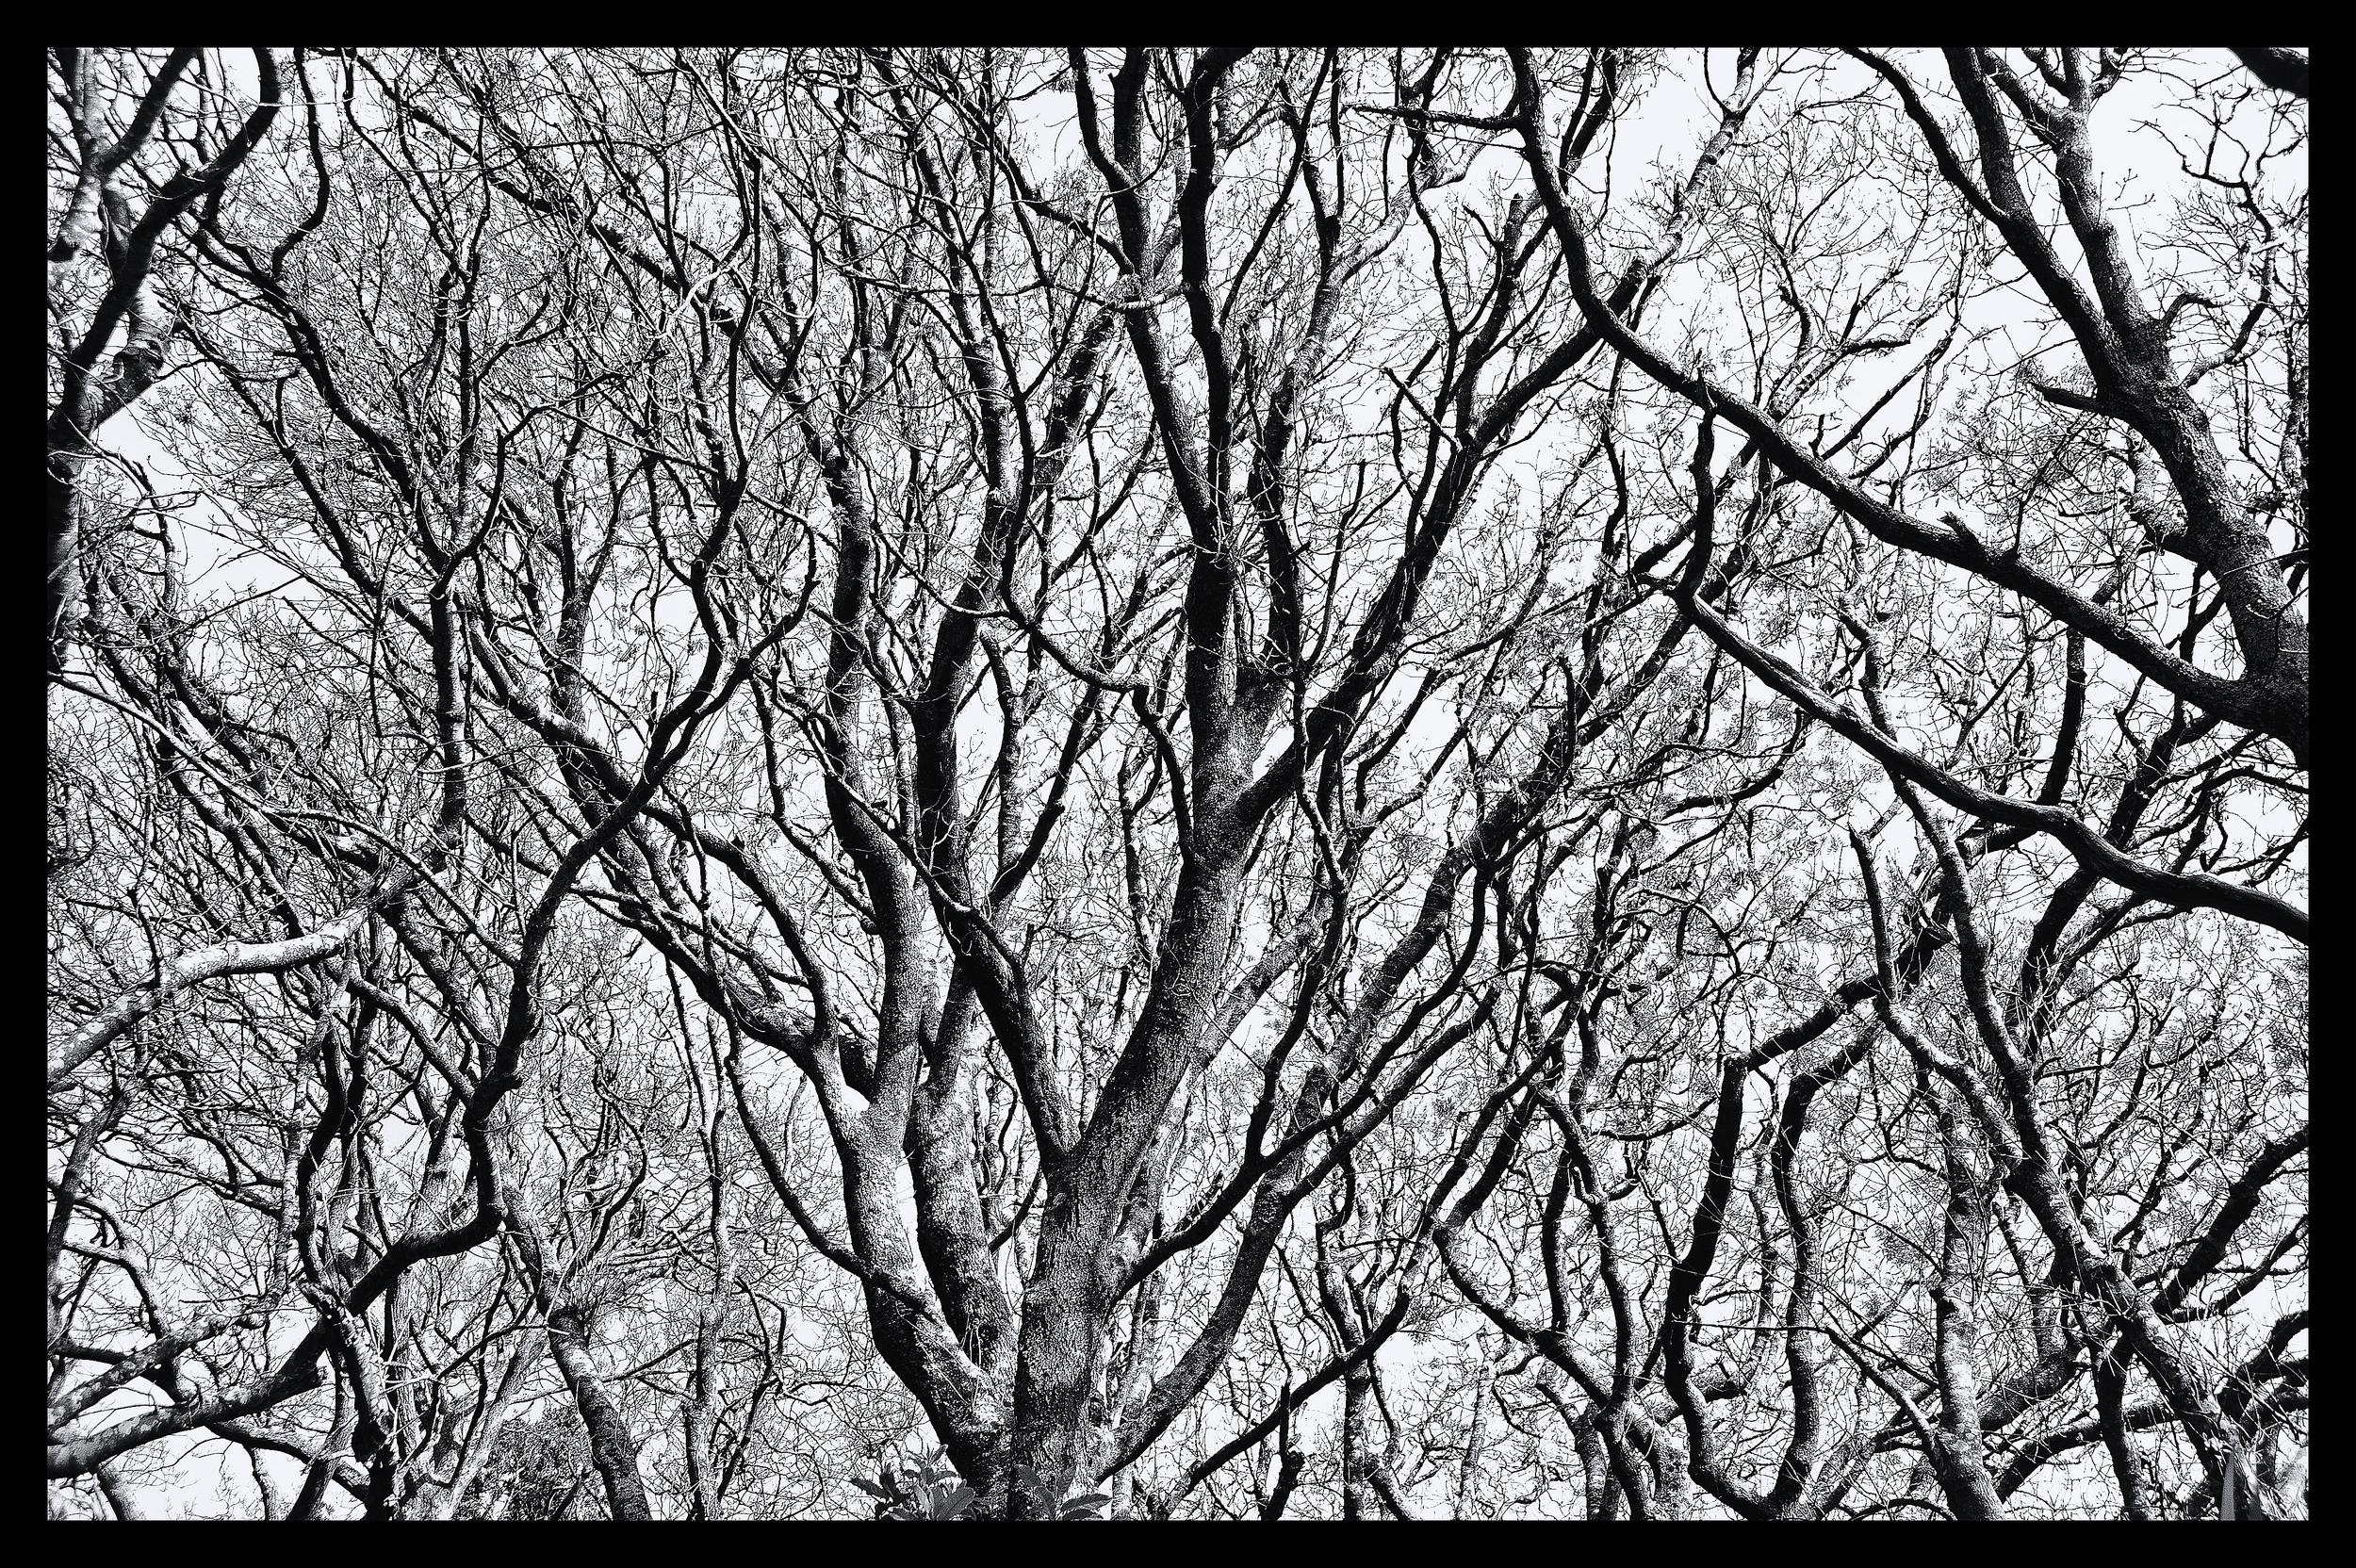 e-FOTOMDC TREES 4398.JPG